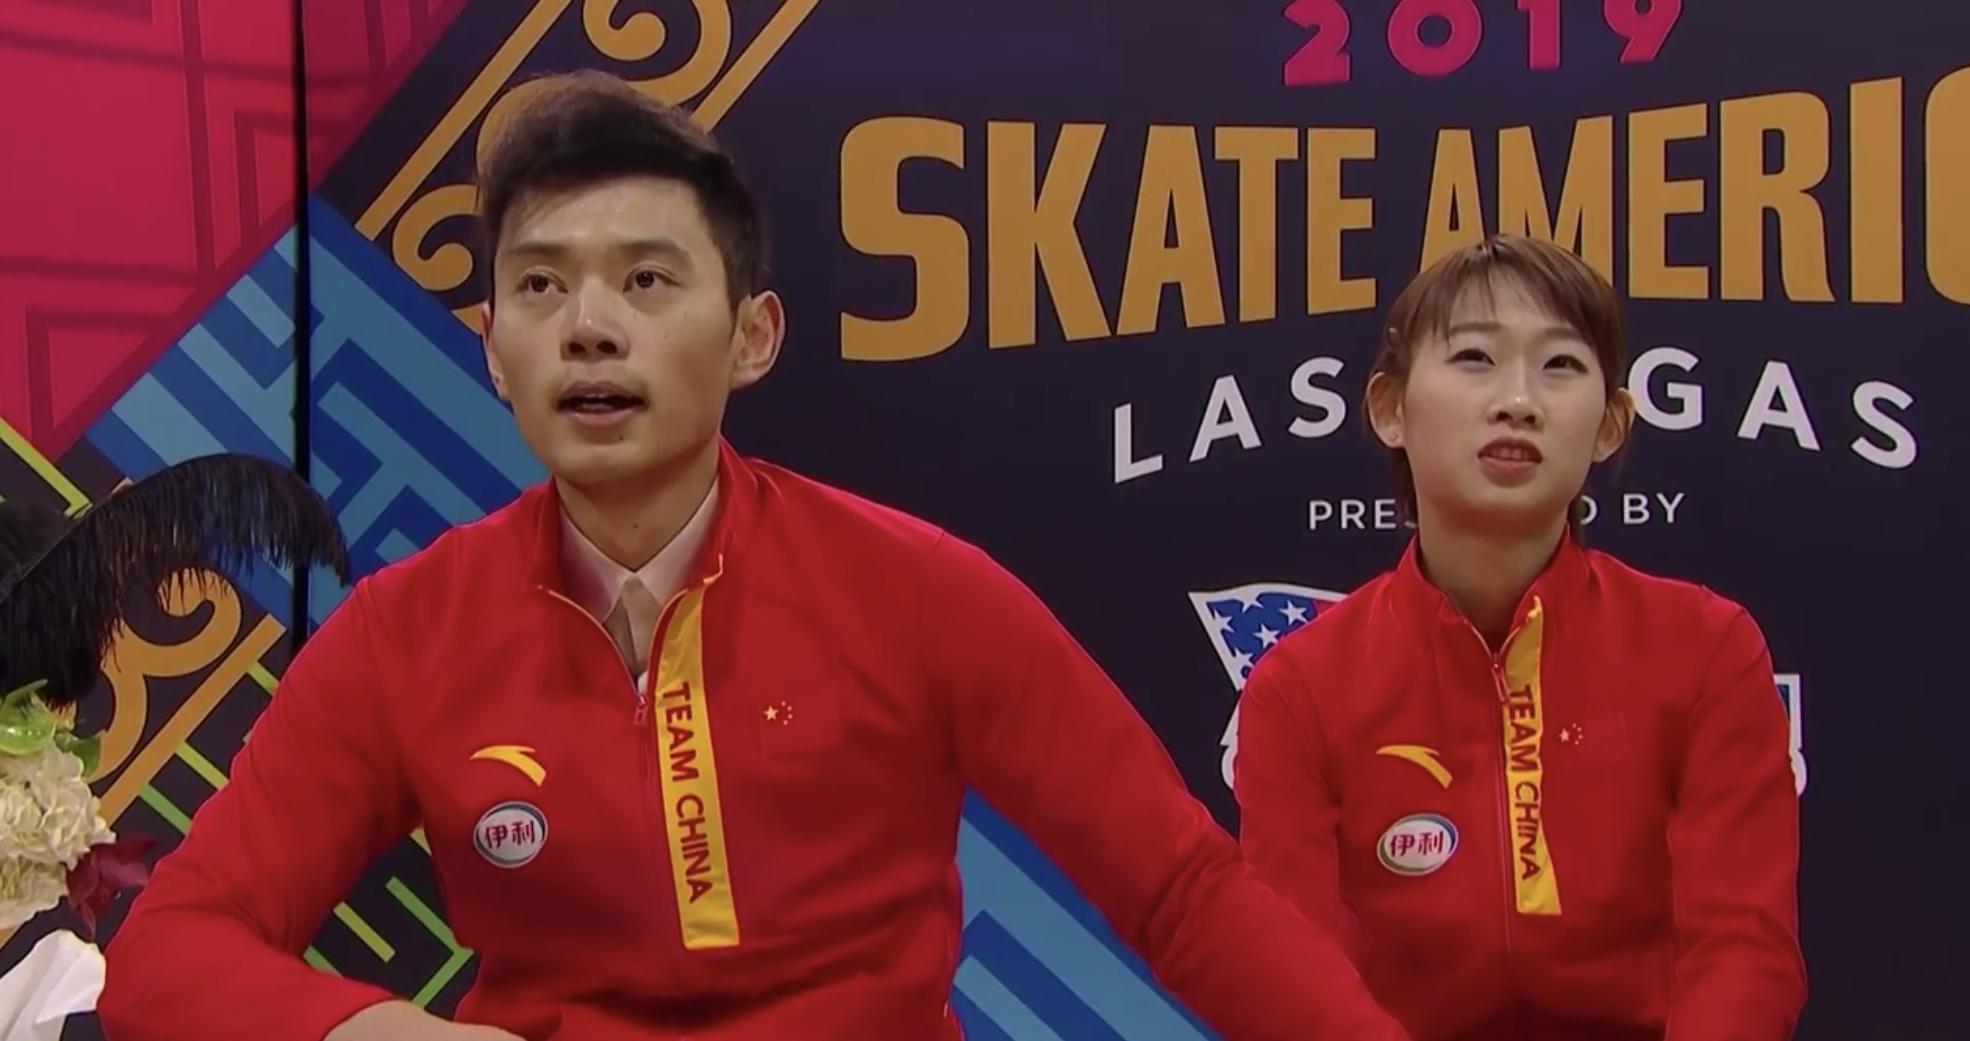 首获大奖赛双人滑冠军,彭程/金杨的努力得到回报